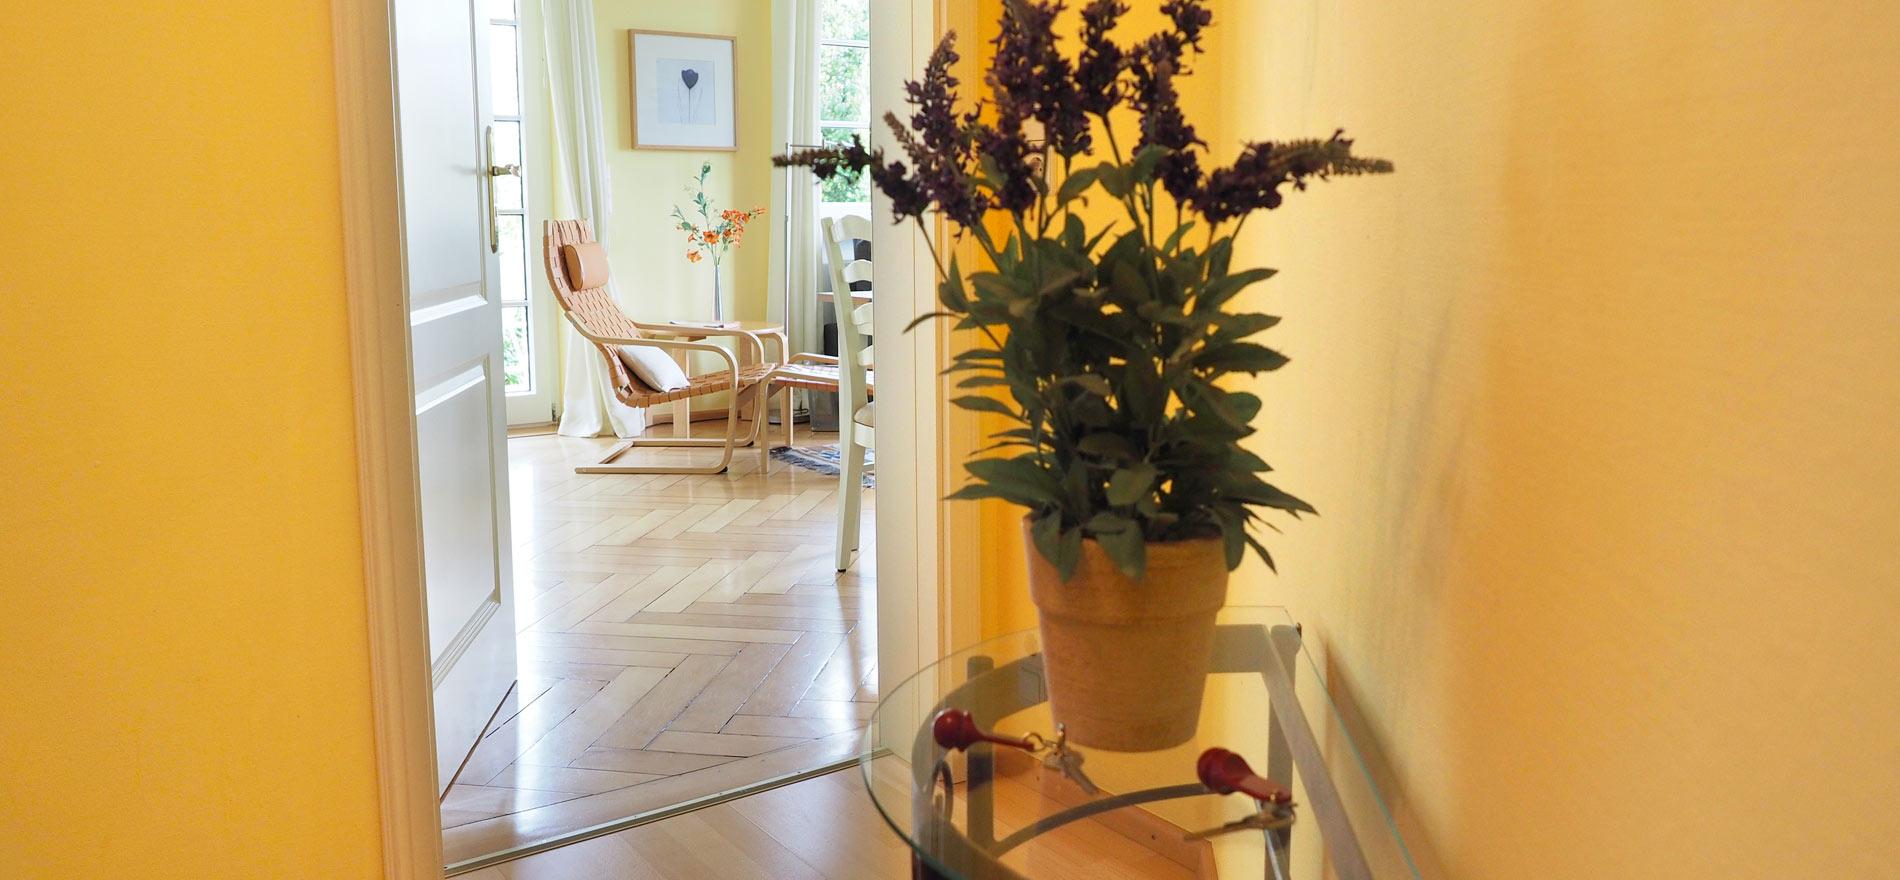 Ferienwohnung Pfarrhaus in Meersburg - Wohnung 4 2